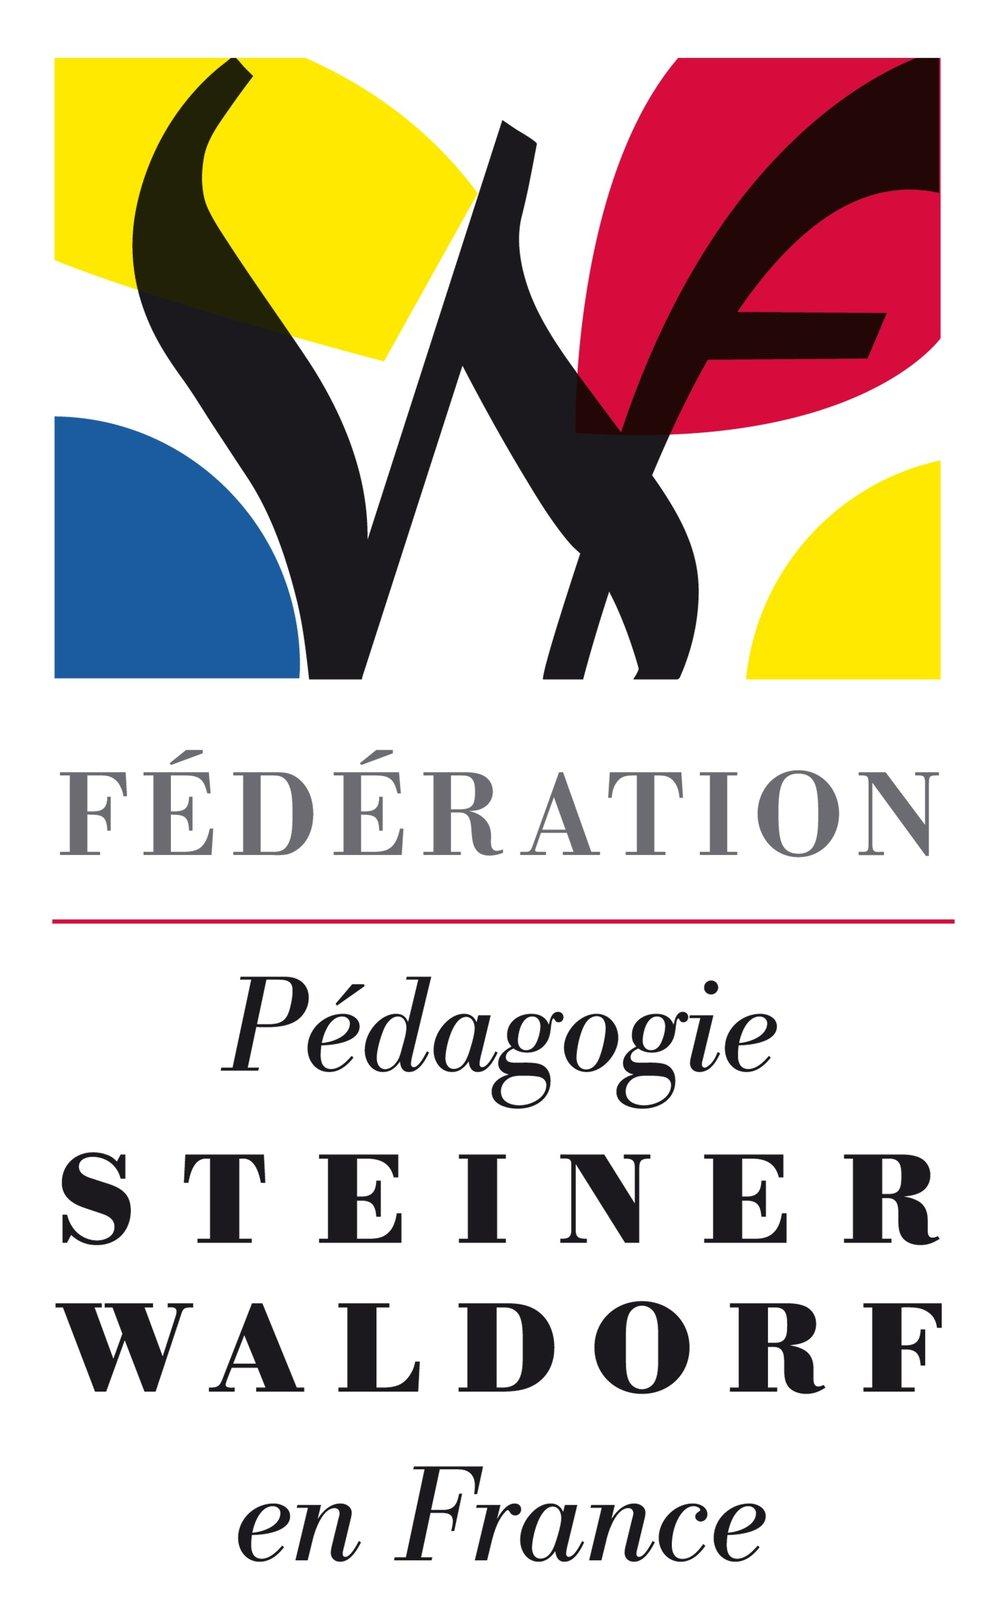 web-logoSteineGrand-RVB.jpg